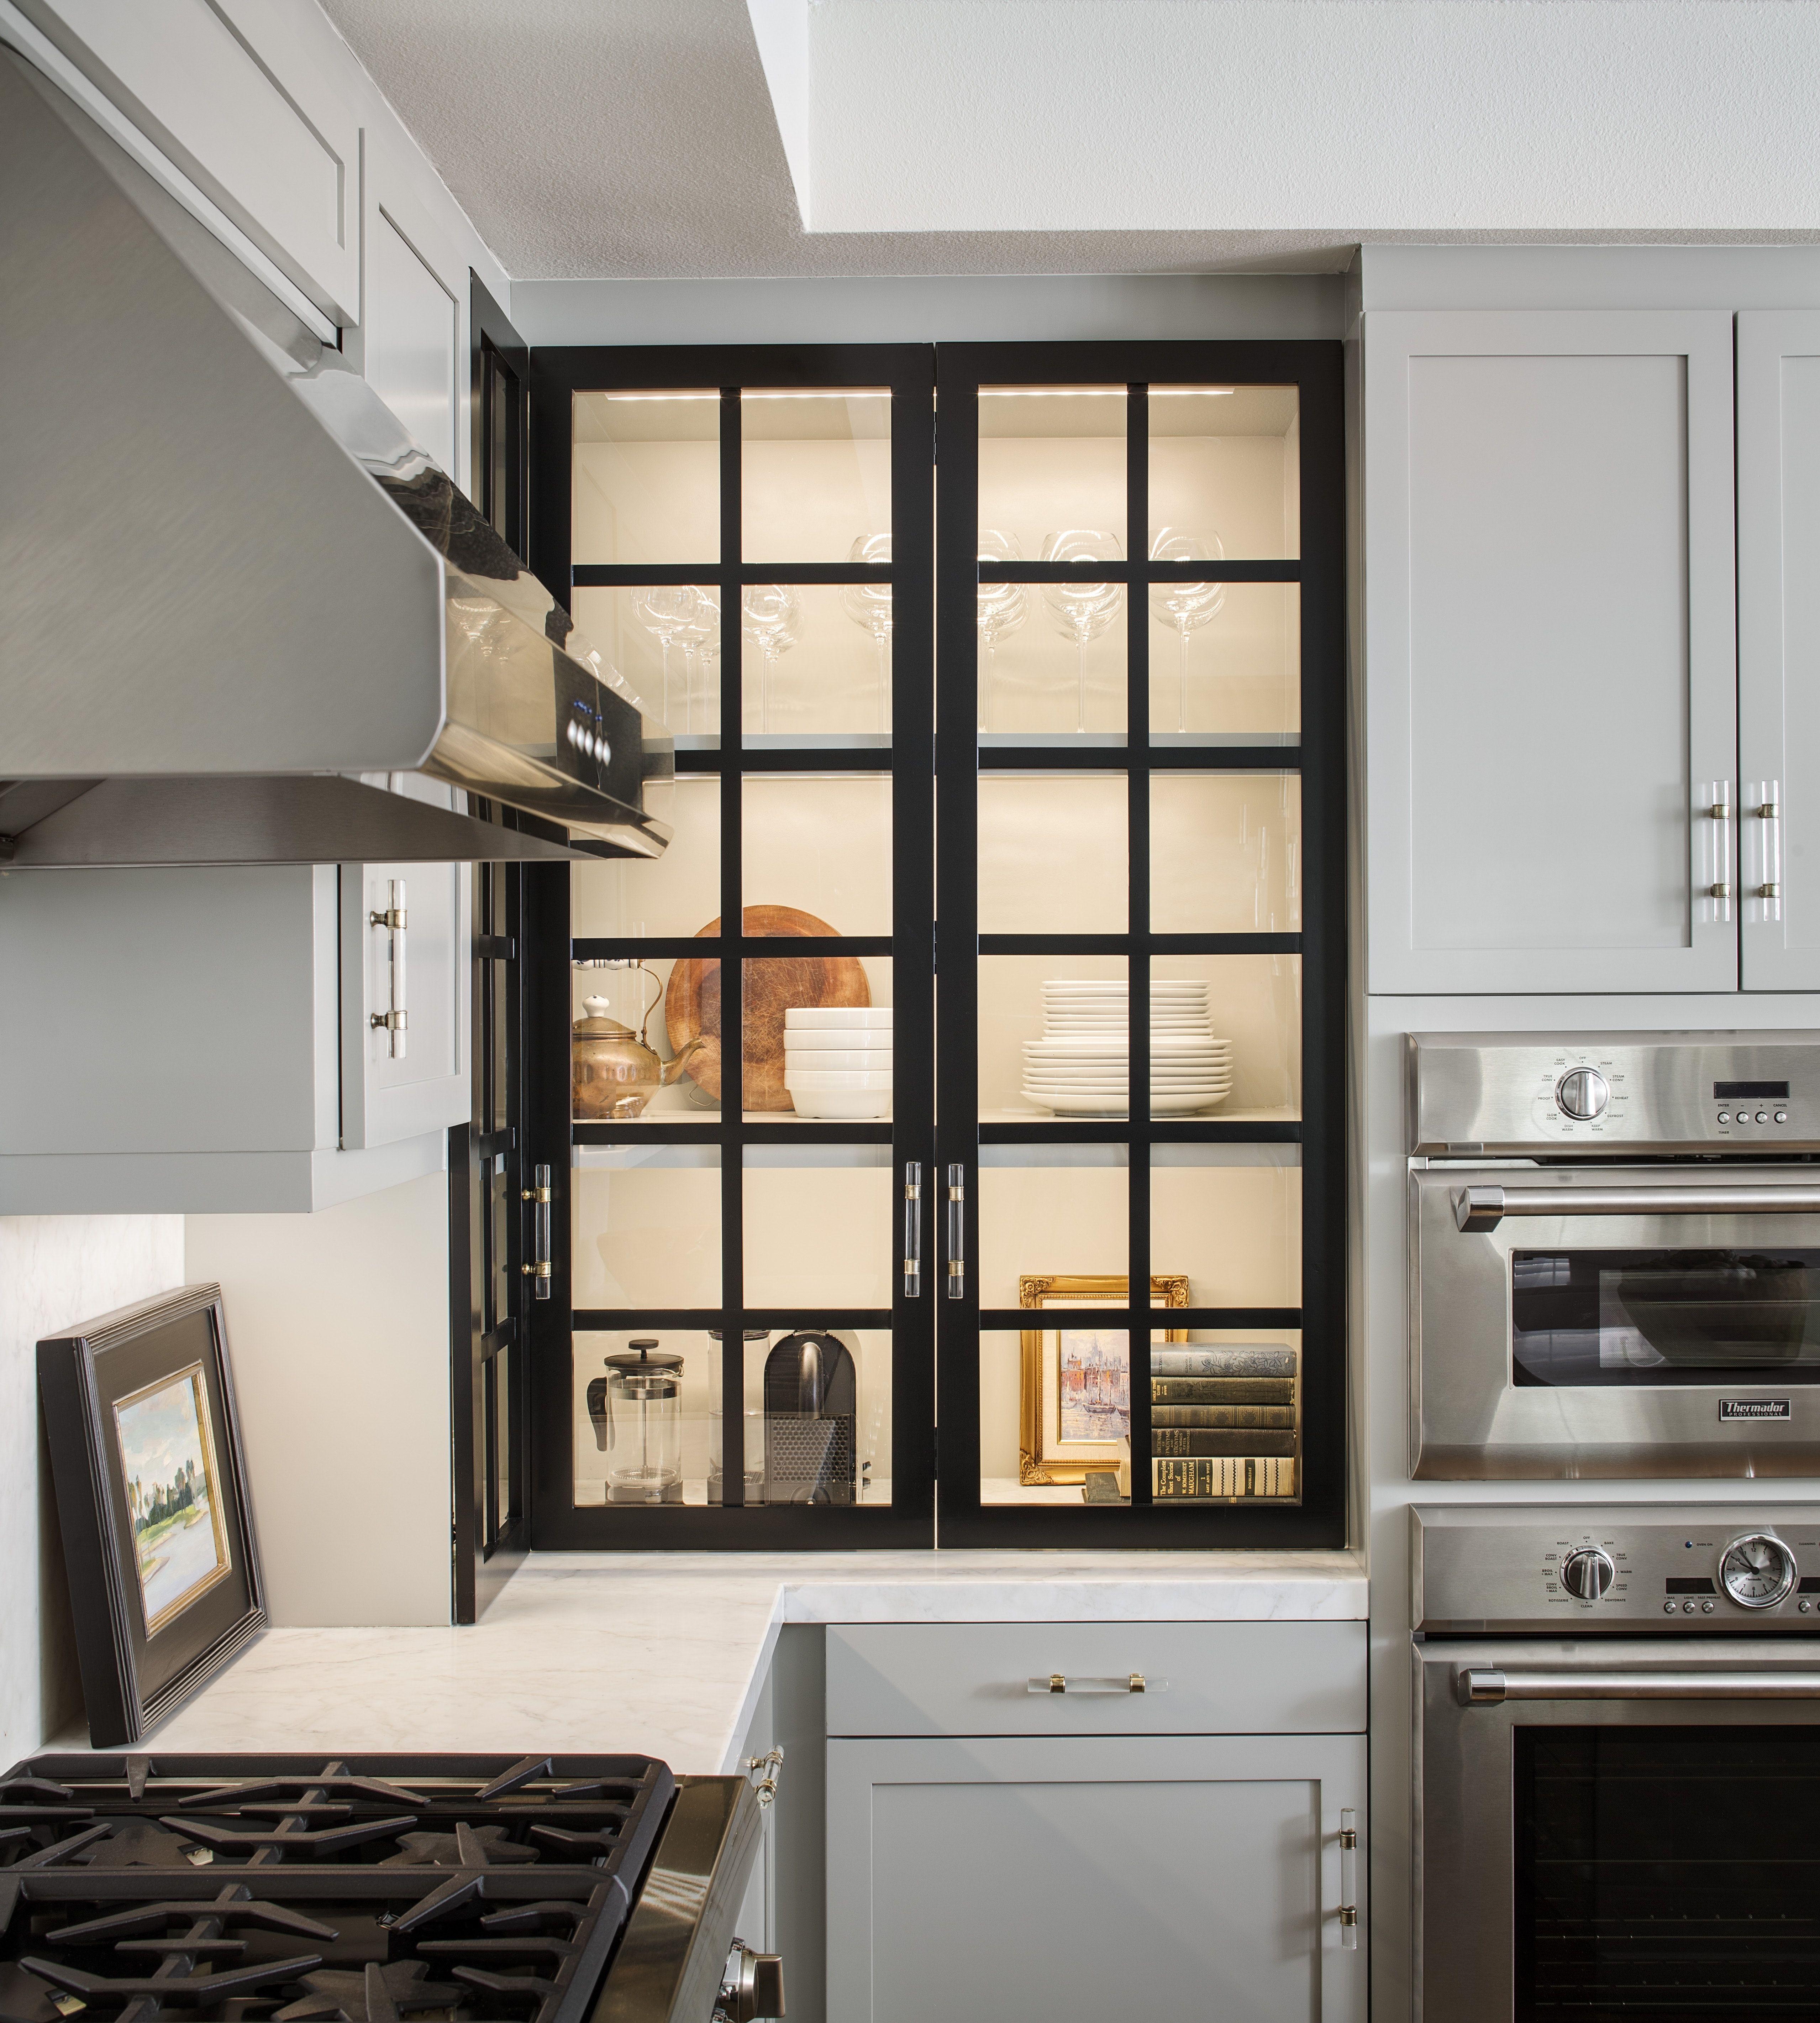 9th Ave Kitchen San Diego Glass Kitchen Cabinets Kitchen Design New Kitchen Designs